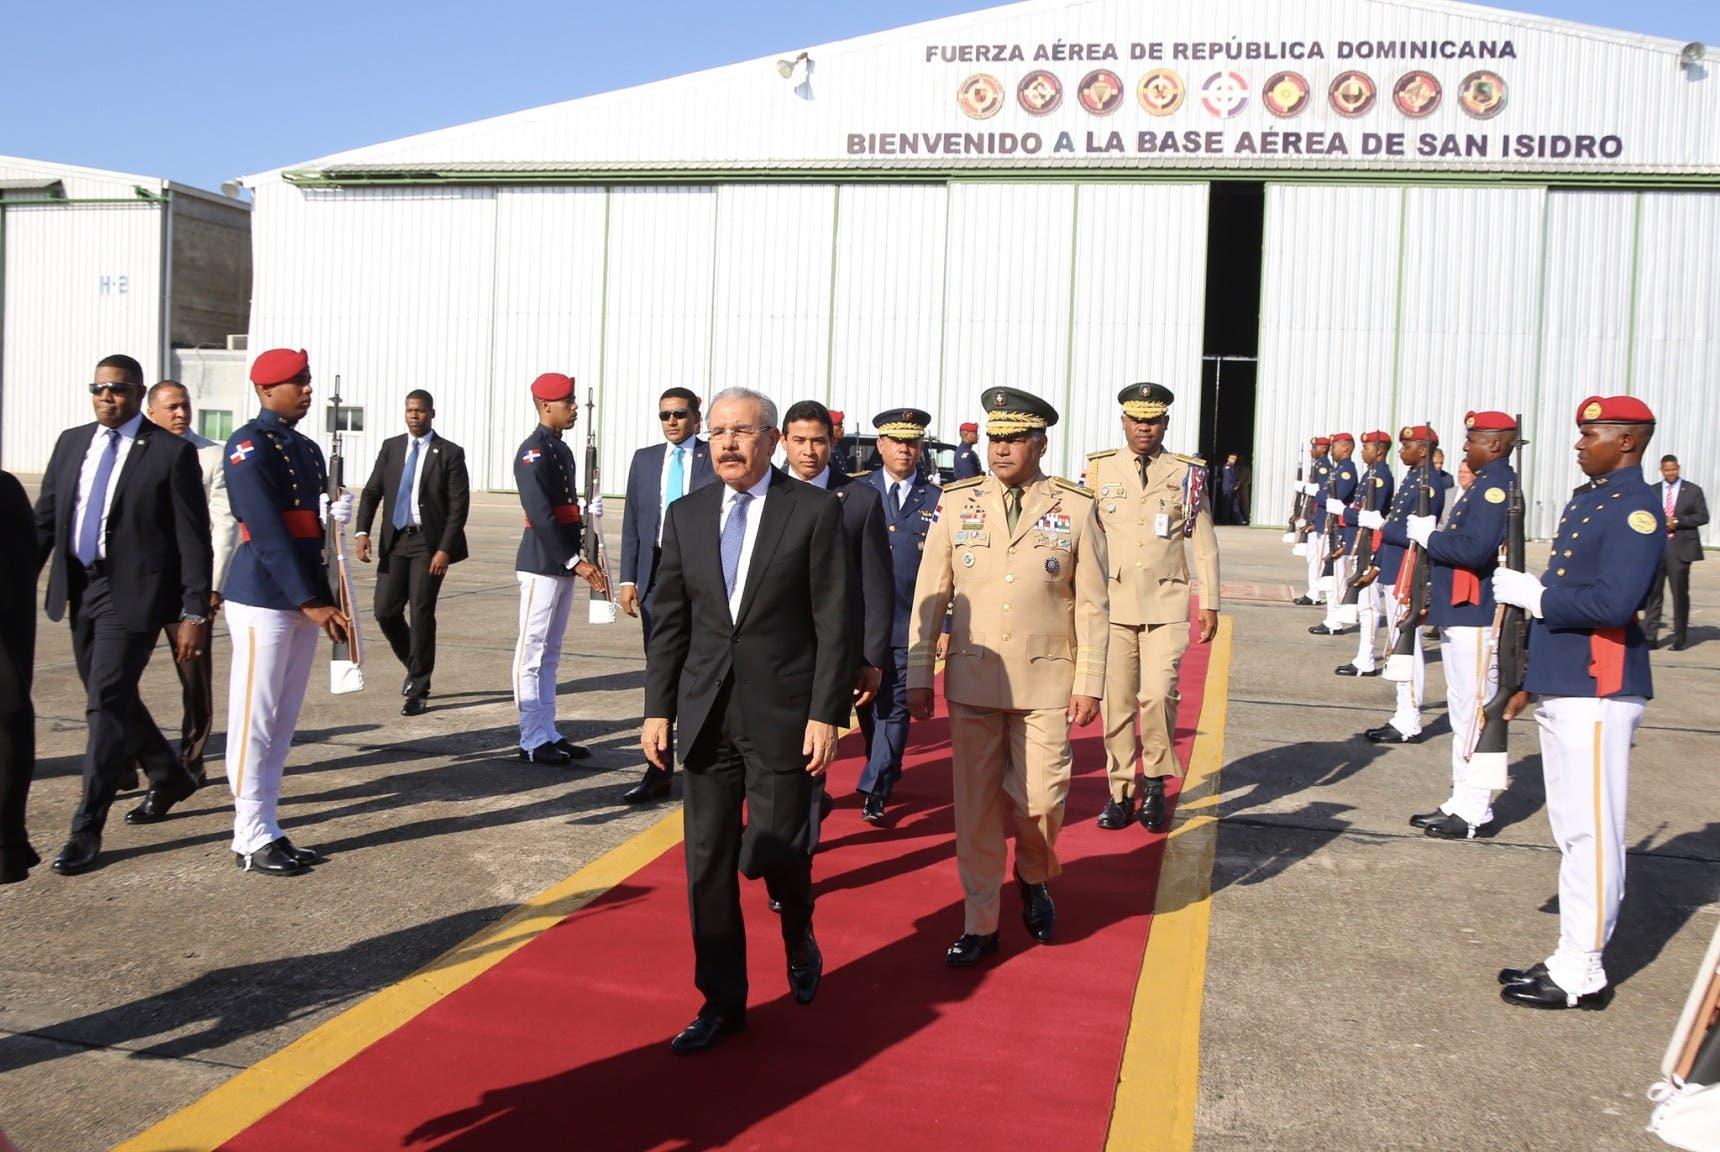 1. Danilo Medina salió a las 9:00 de la mañana desde la Base Aérea de San Isidro hacia el estado de Florida